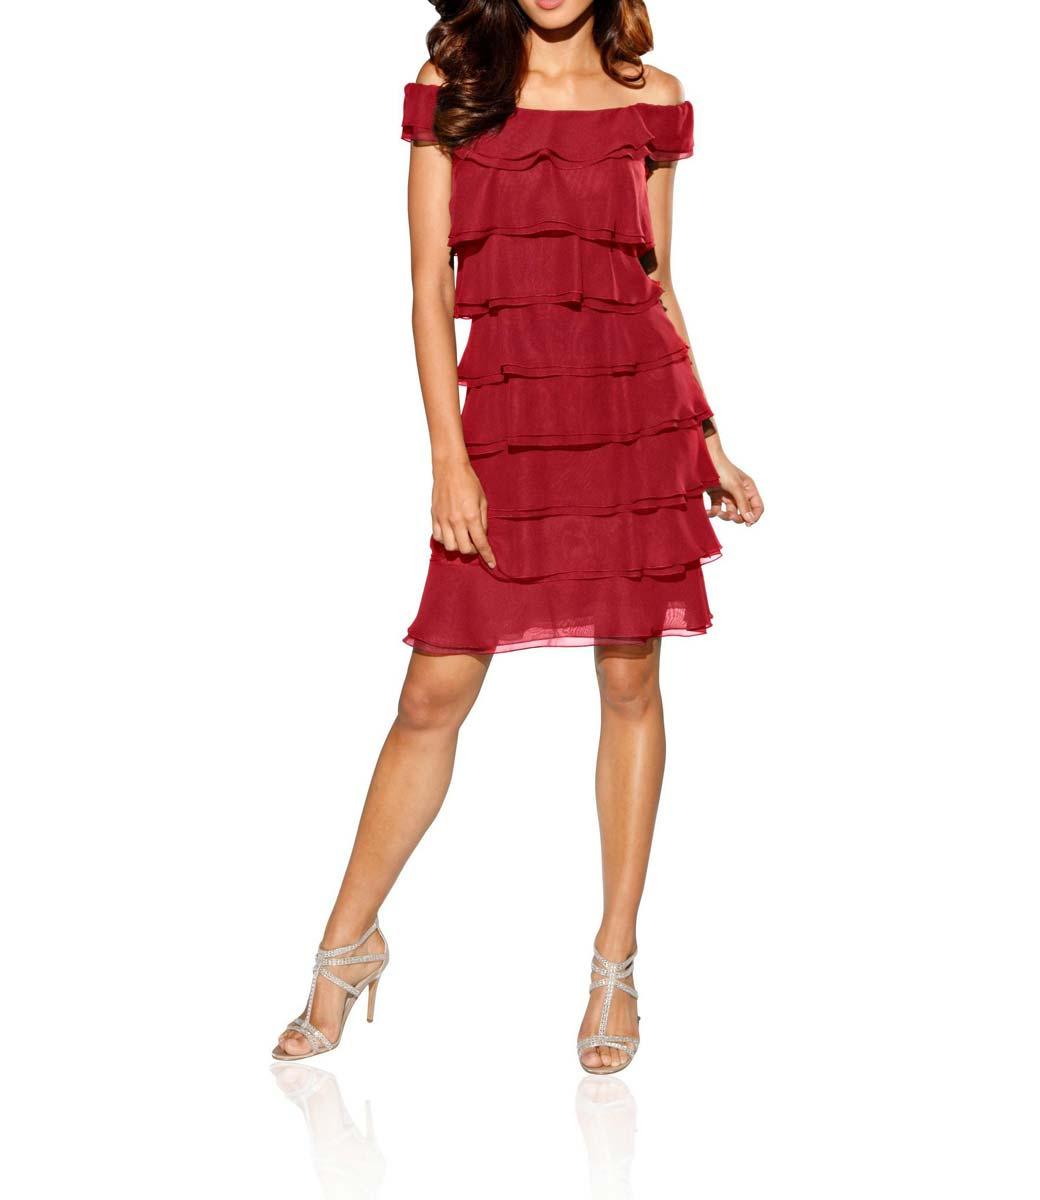 f241ebfff6d4 Šifonové volánové šaty s Carmen výstřihem